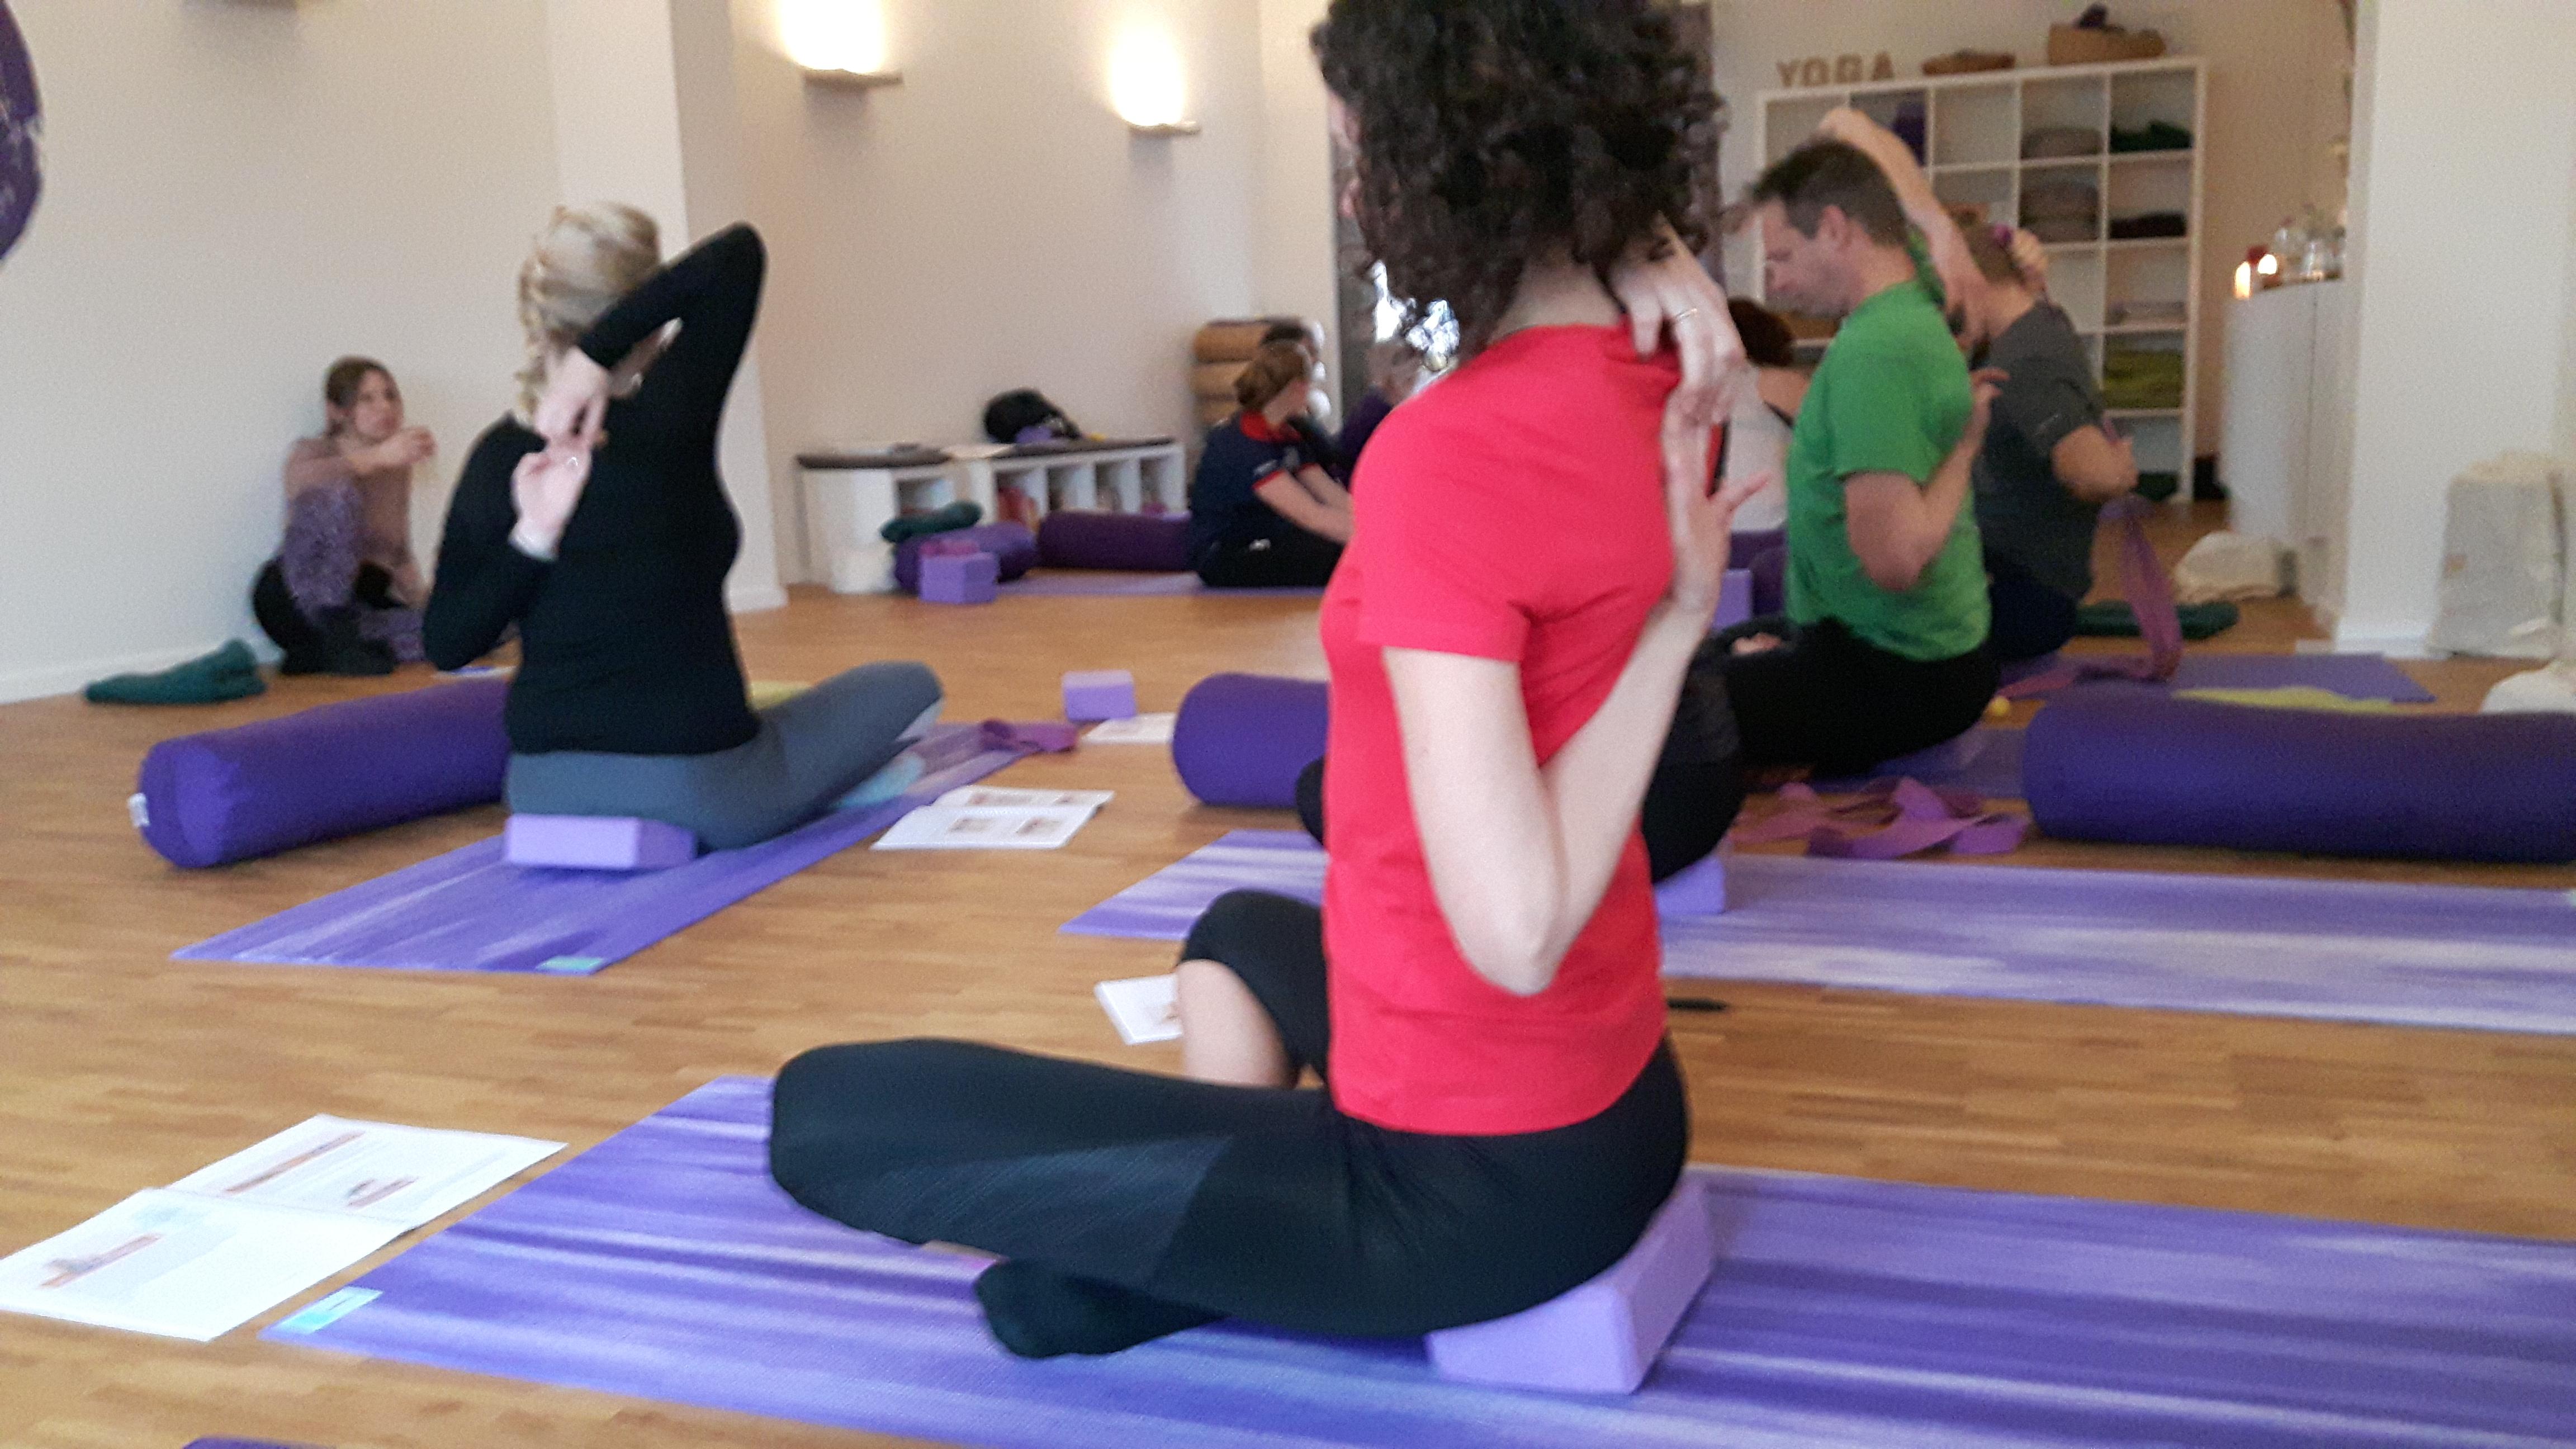 Ausbildung Yogalehrer Ausbildung Yogalehrerin nordhorn neuenhaus bad bentheim